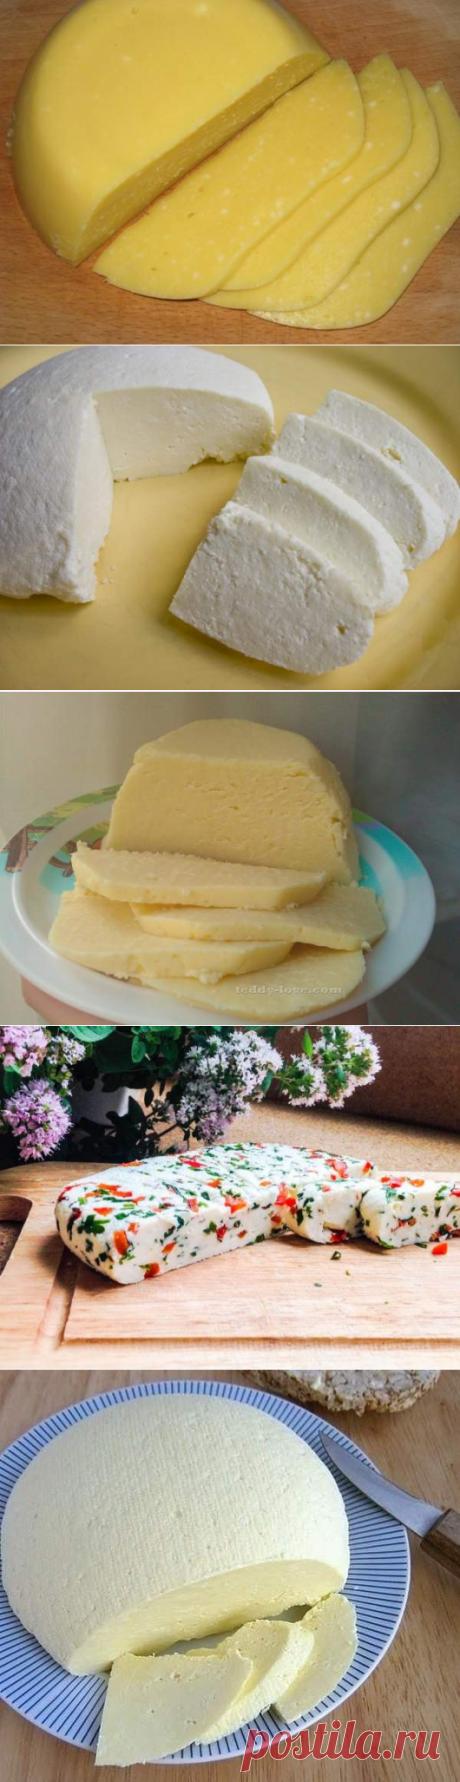 Большущая подборка рецептов домашних сыров - 20 вариантов приготовления